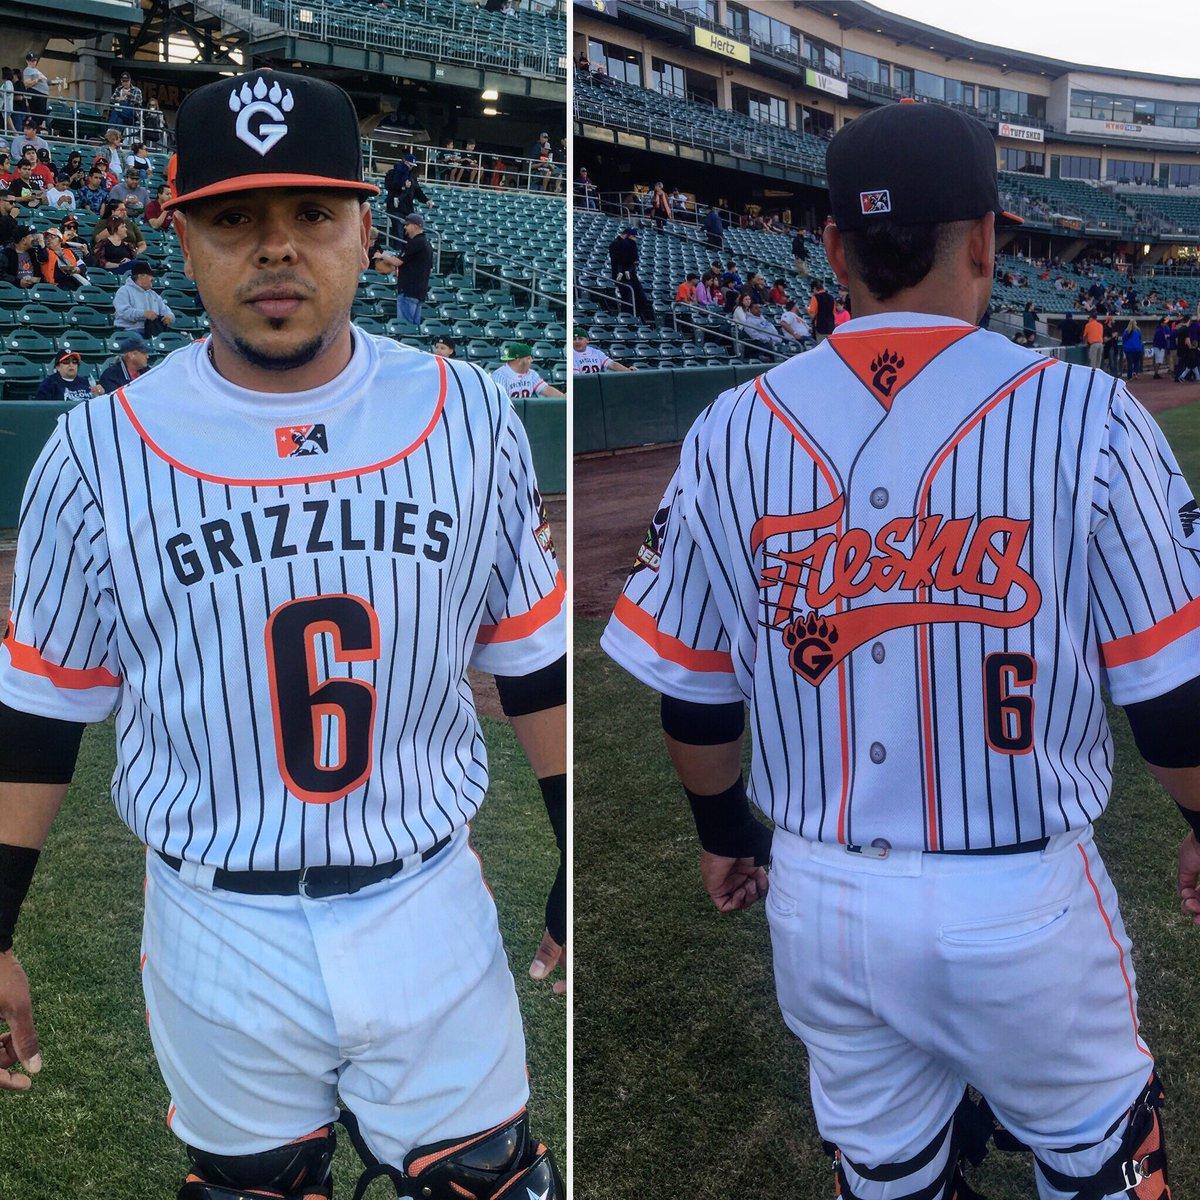 timeless design 73a16 53d00 Fresno Grizzlies on Twitter: